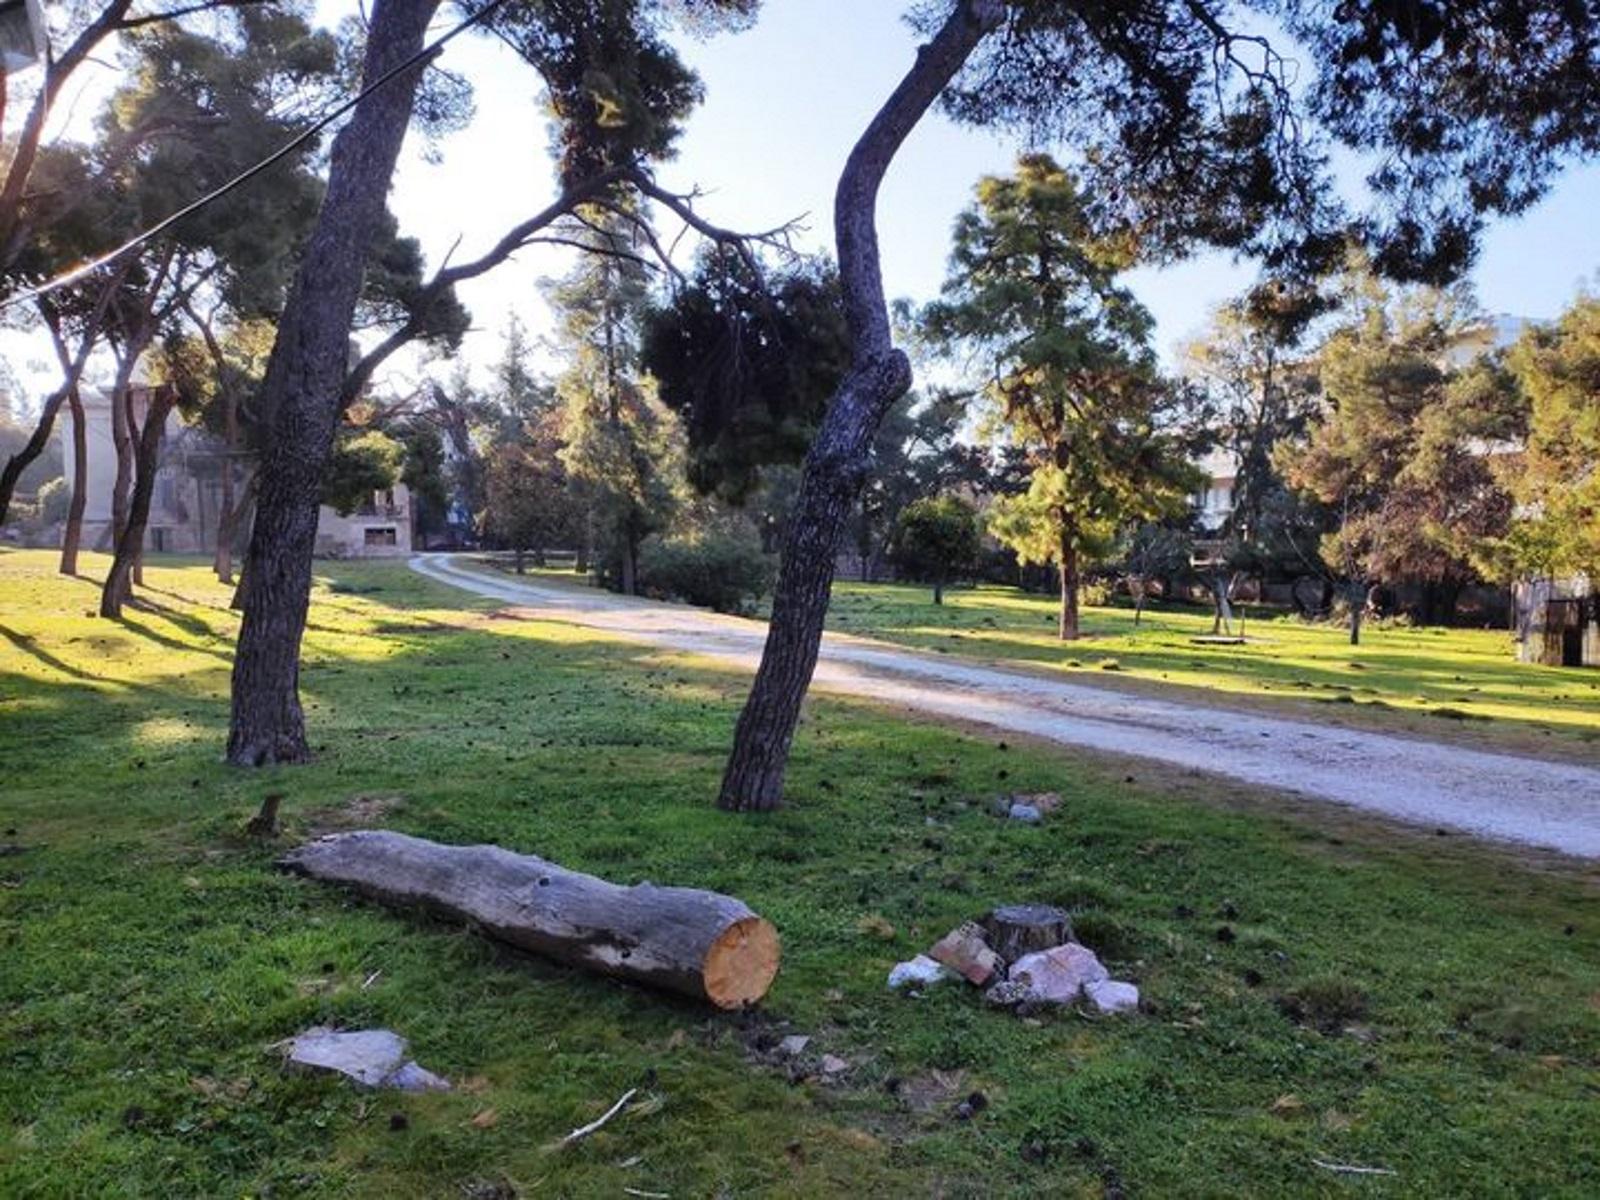 Ο Δήμος Ηρακλείου Αττικής μετατρέπει το κτήμα Φιξ σε Πολιτιστικό Πάρκο